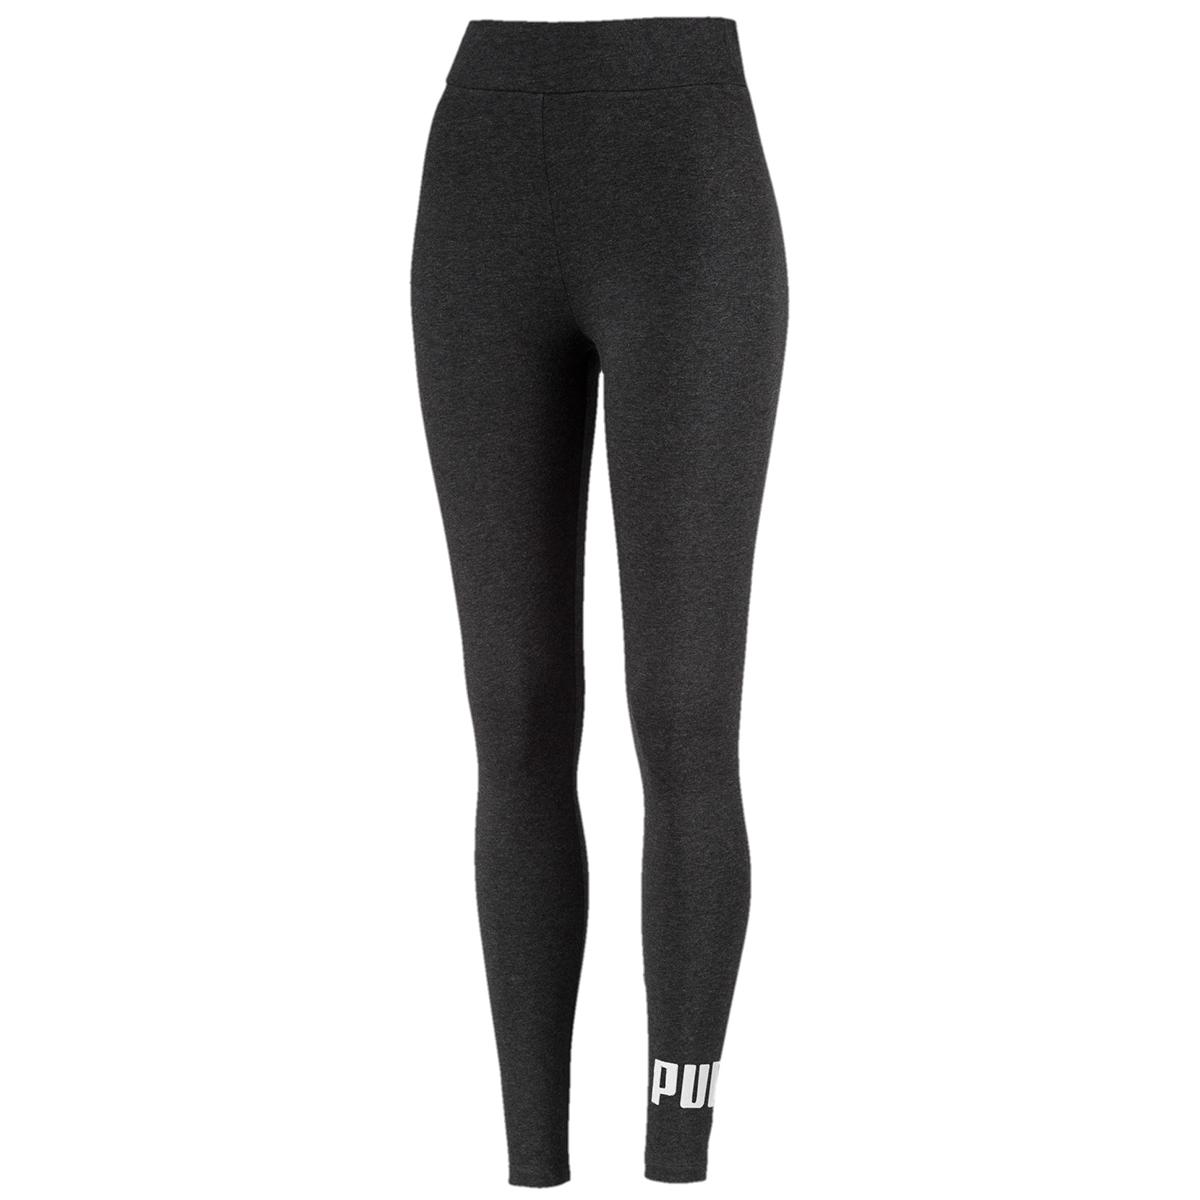 Puma Women's Mid Rise Essentials Logo Leggings - Black, S